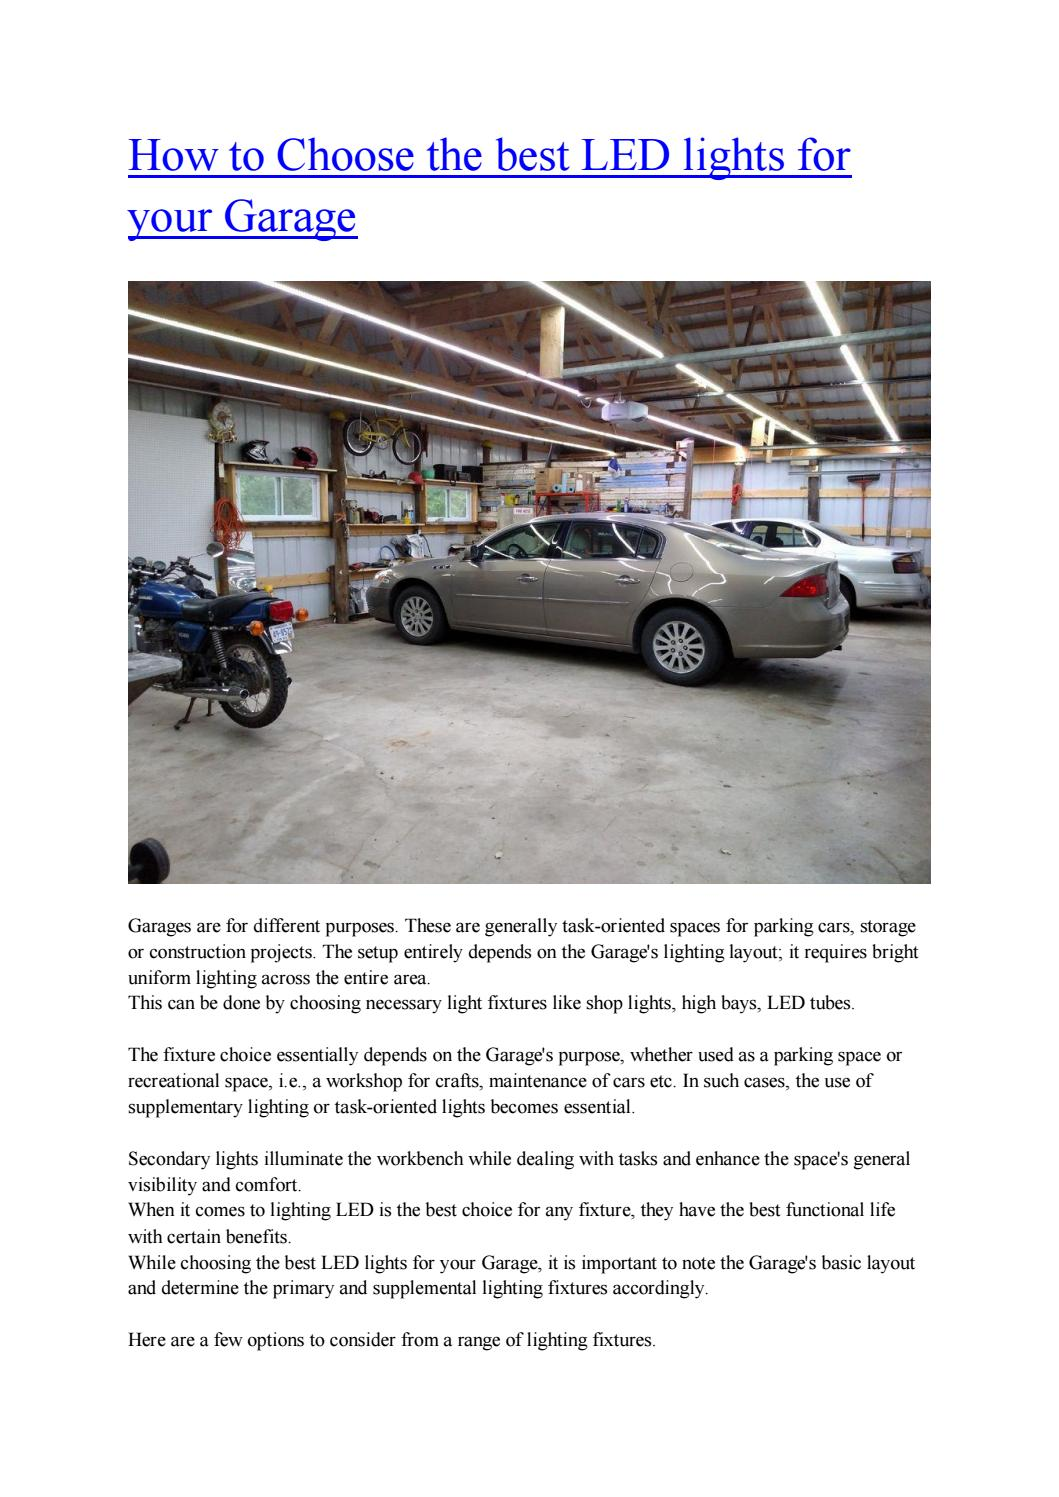 led lights for your garage